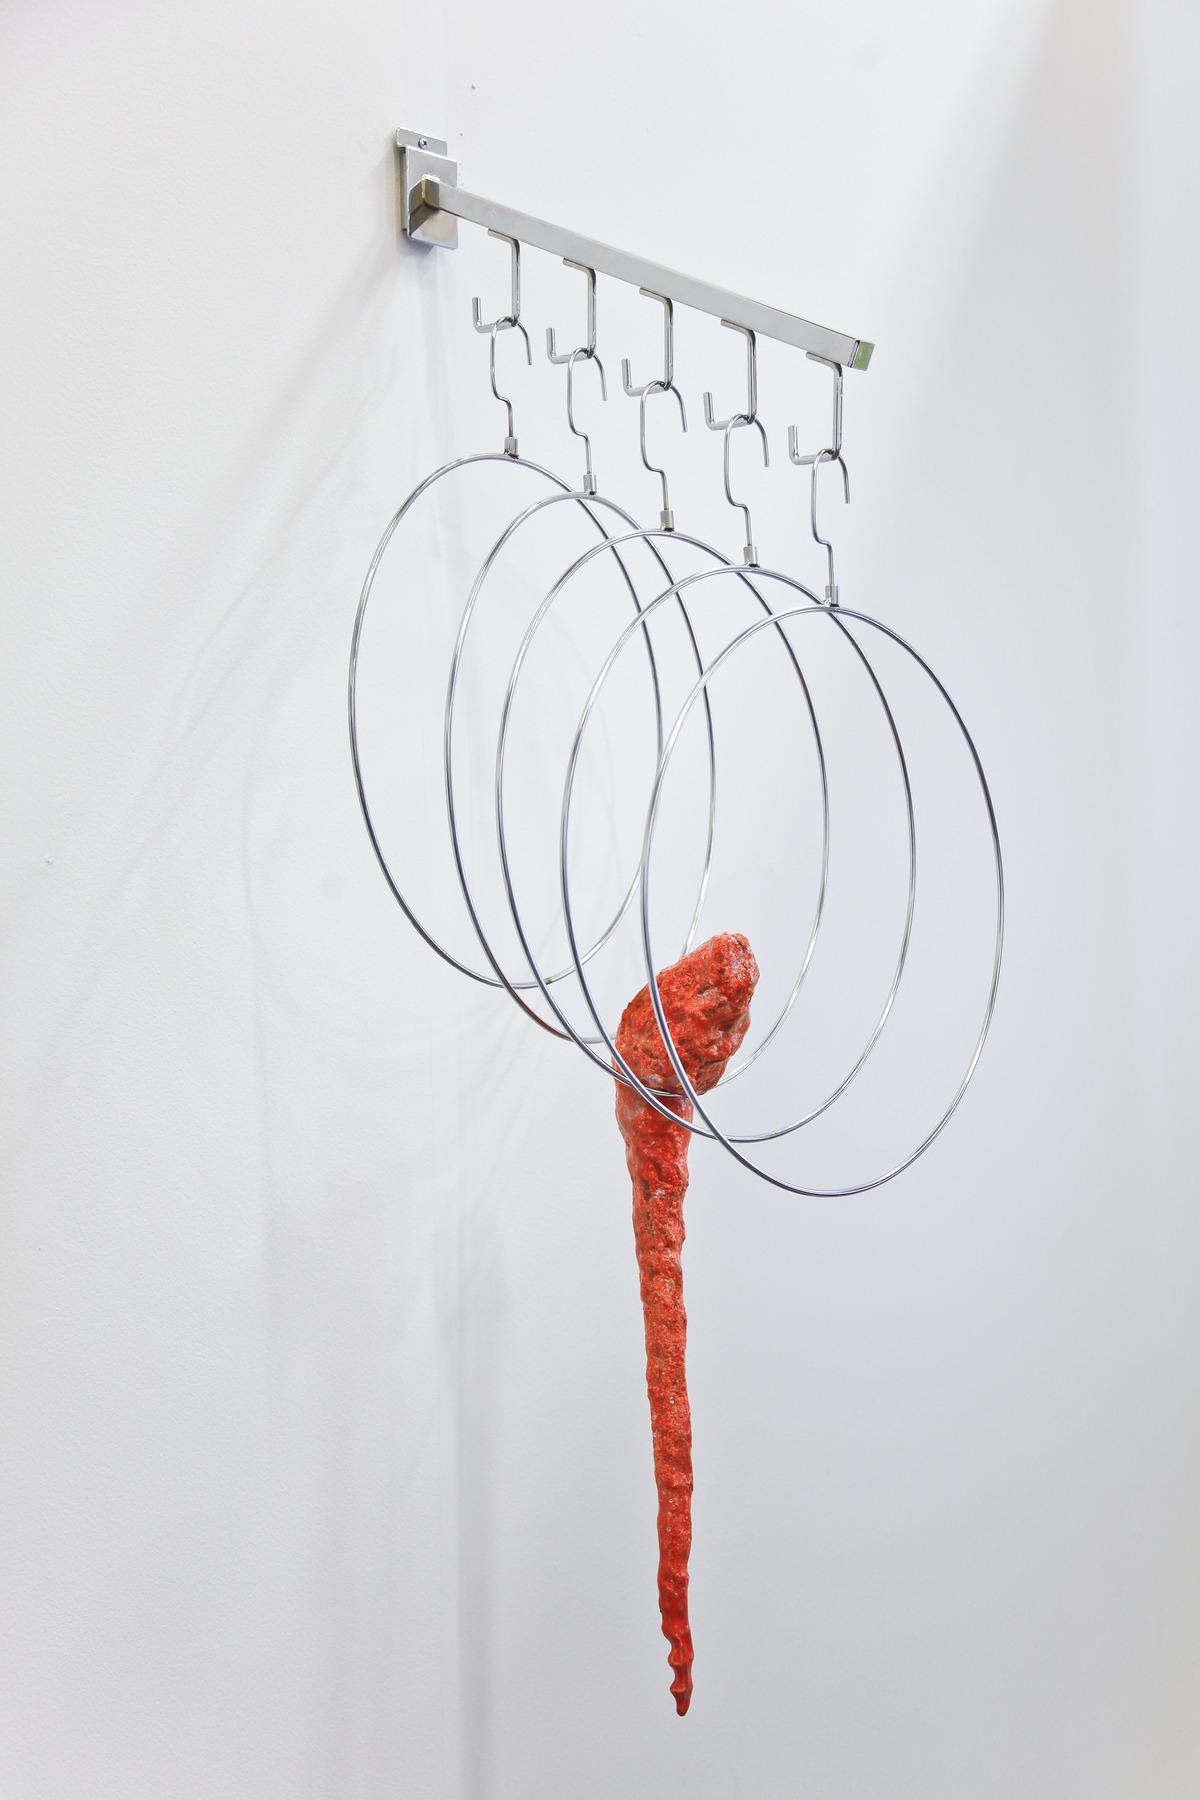 Kathleen Ryan at Ghebaly Gallery